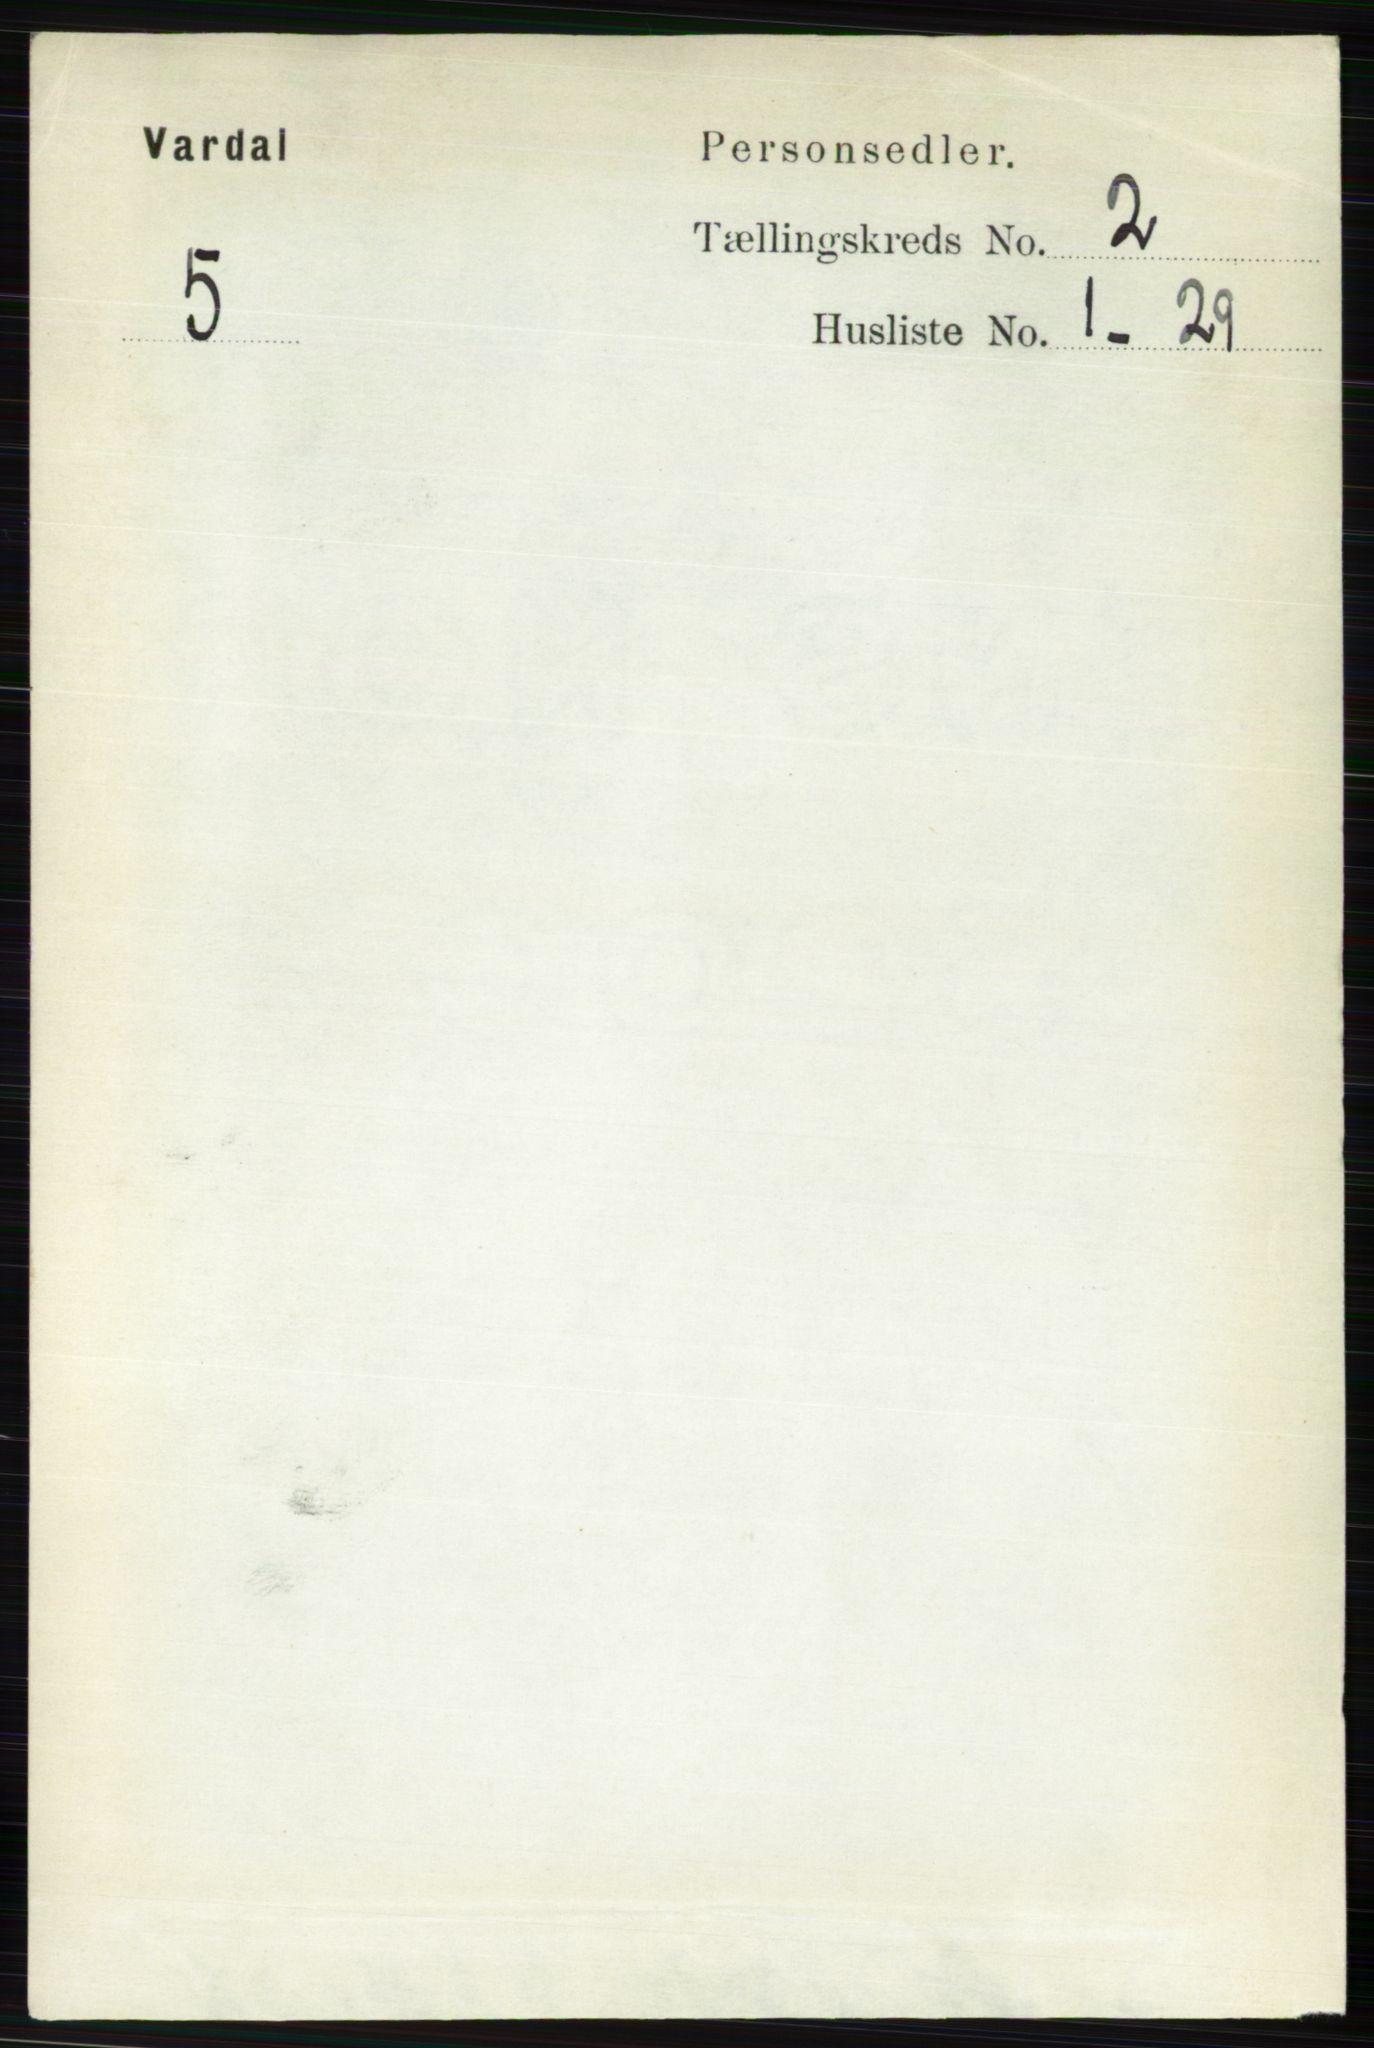 RA, Folketelling 1891 for 0527 Vardal herred, 1891, s. 523